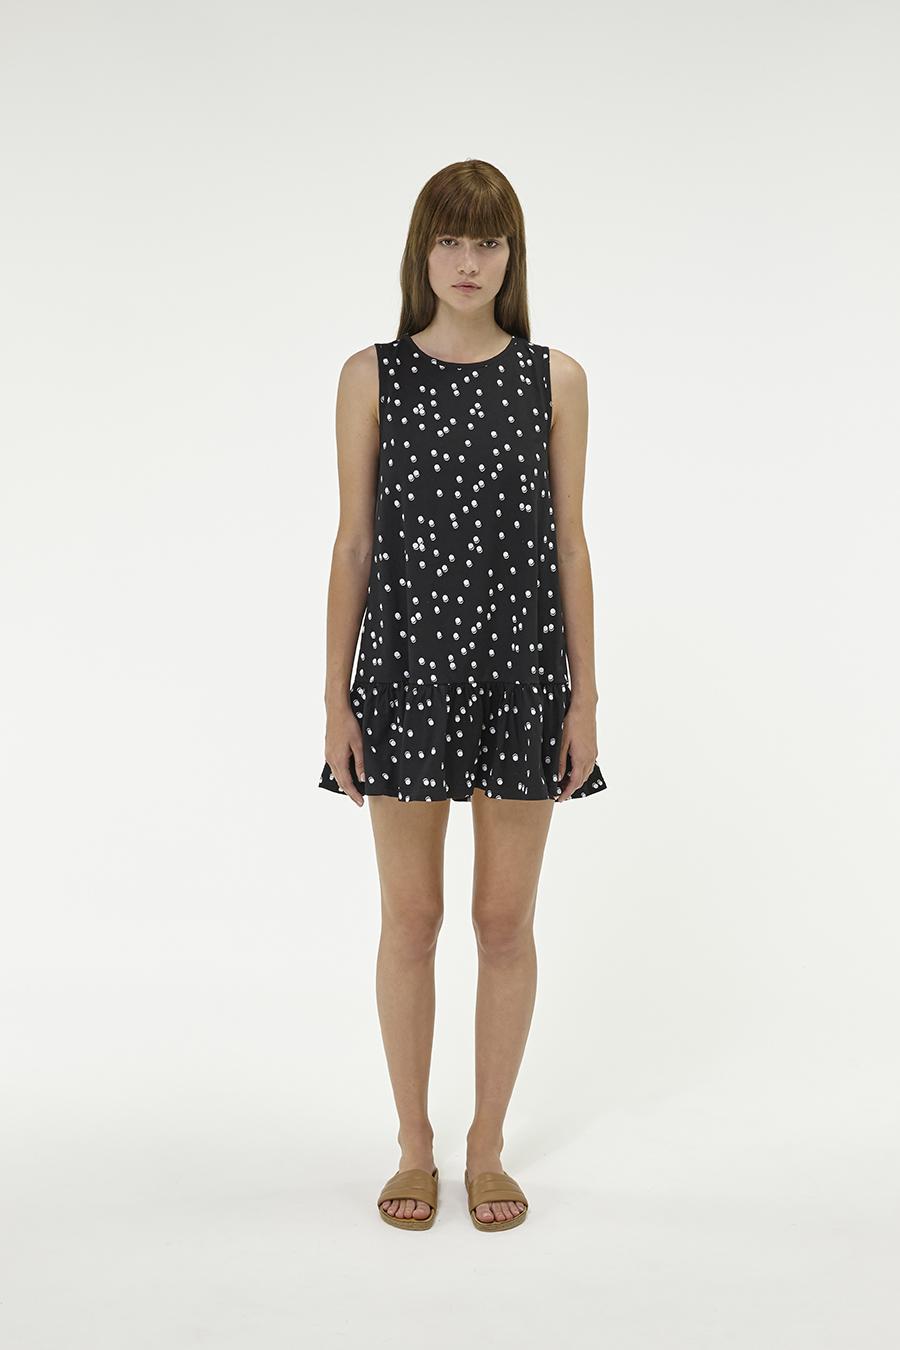 Huffer_Q3-16_W-Port-Volley-Dress_Black-01